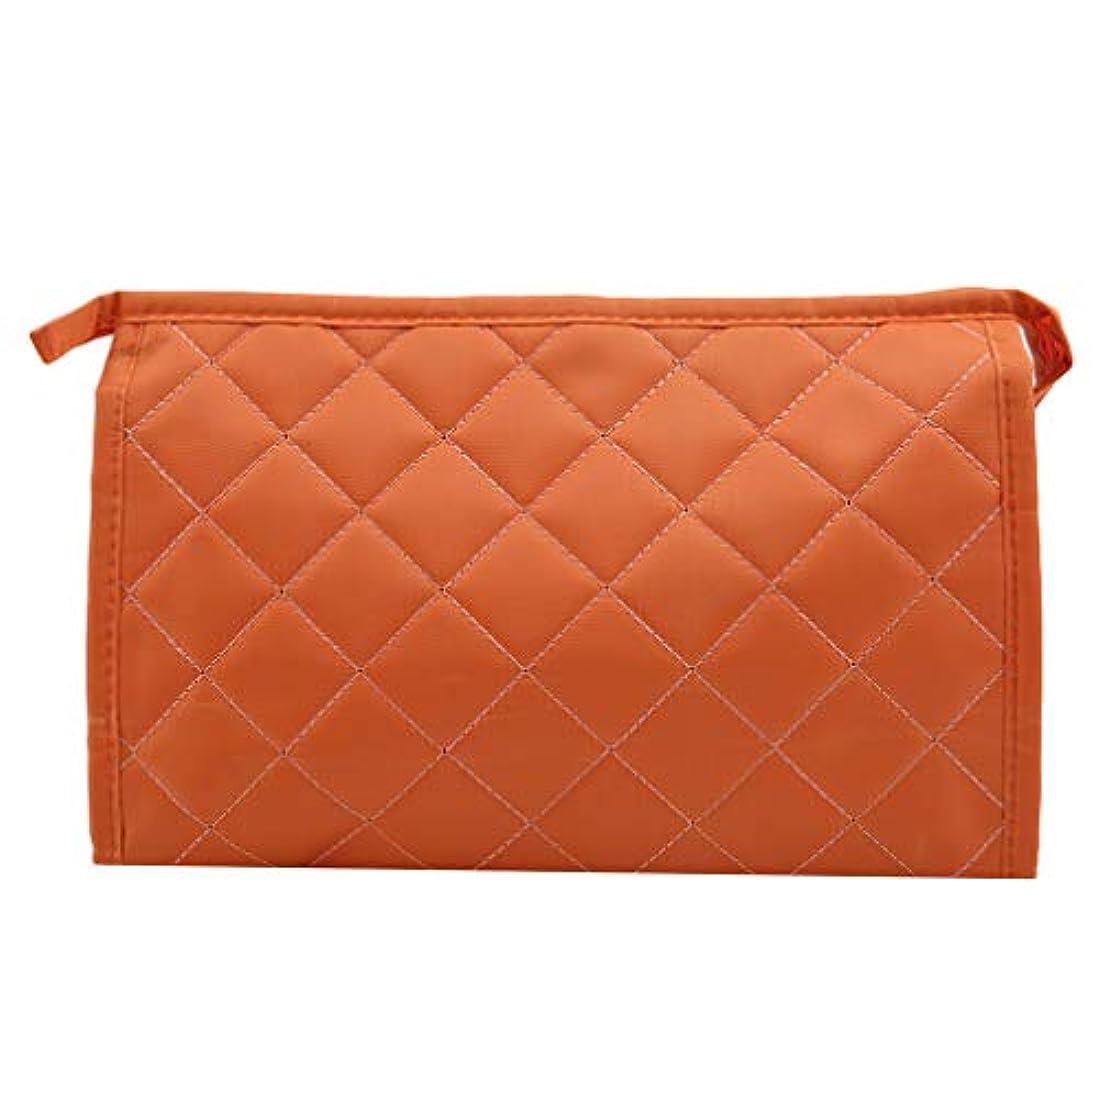 邪魔誘惑する移動JIOLK 化粧ポーチ メイクポーチ ミニ 財布 機能的 大容量 化粧品収納 小物入れ 普段使い 出張 旅行 メイク ブラシ バッグ 化粧バッグ